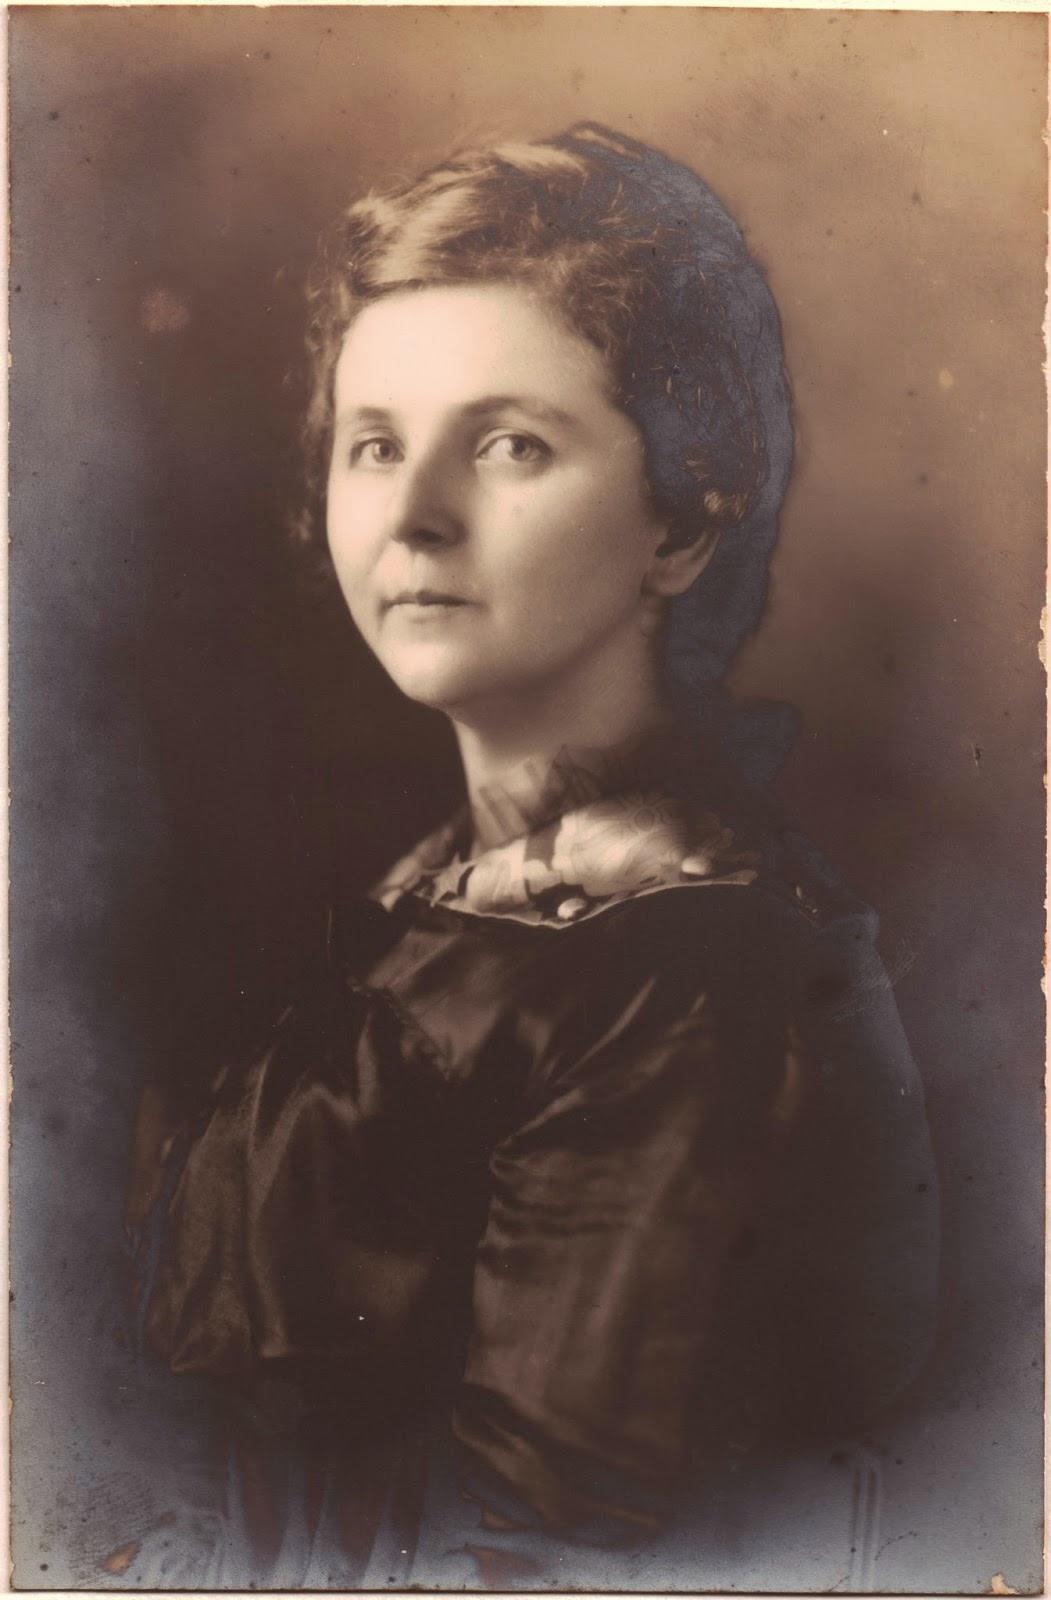 Emma Carroll Espy